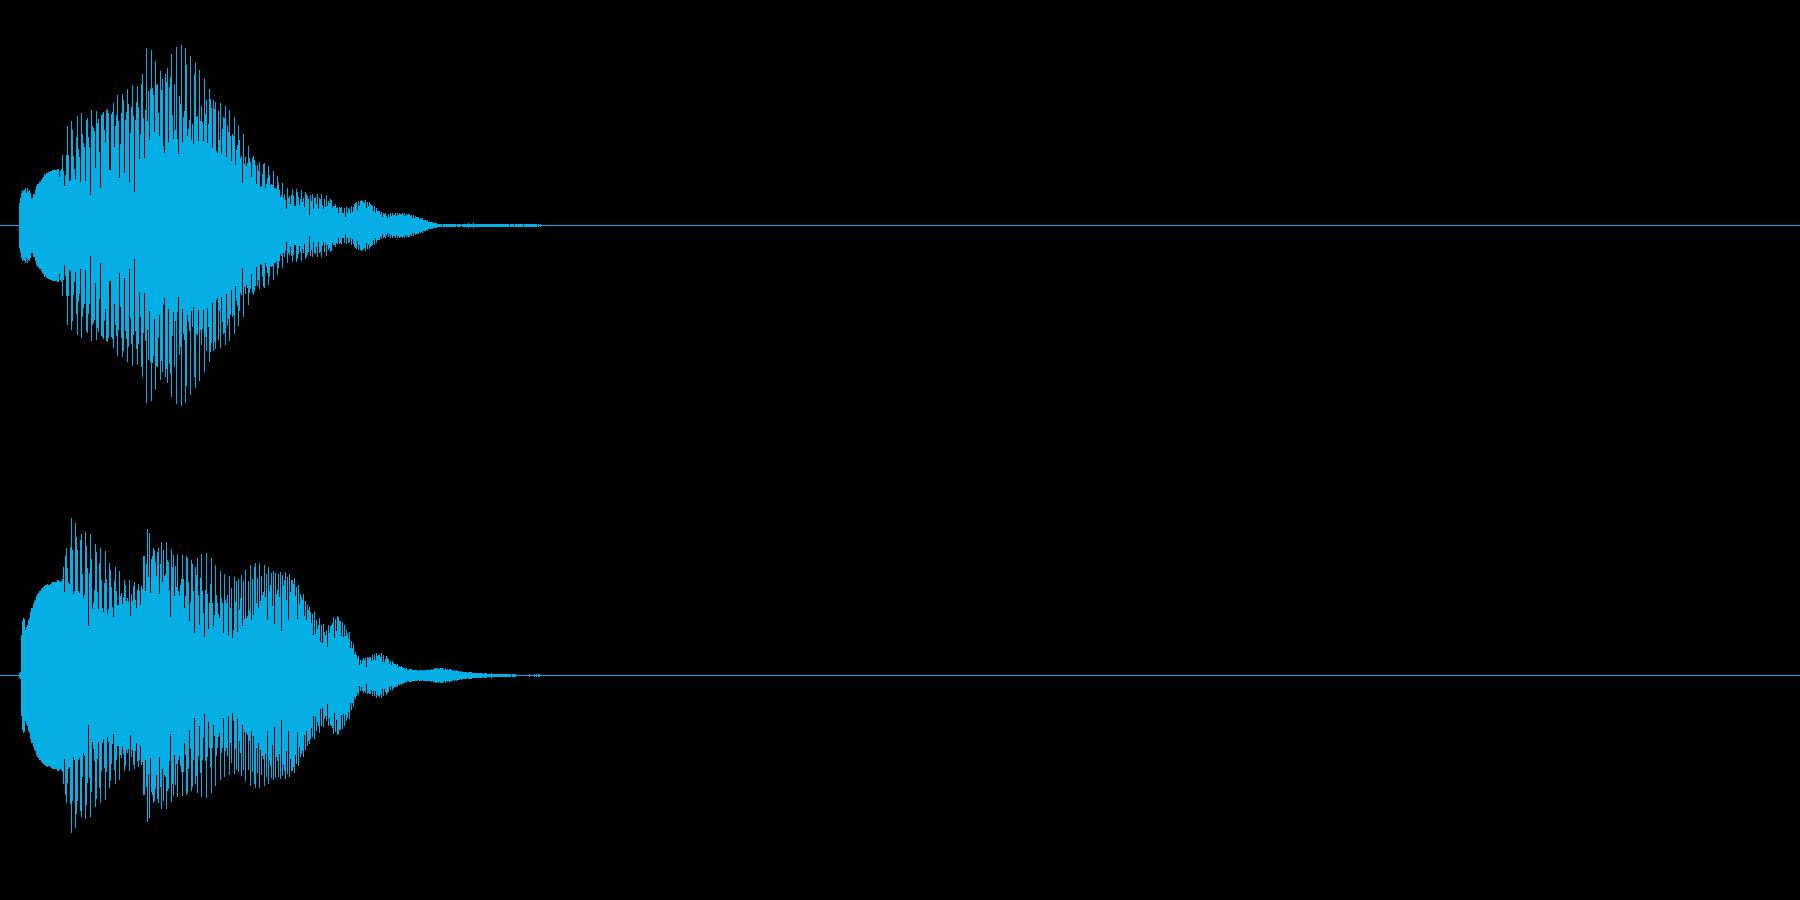 汎用 エレピ系05(中) アラート表示の再生済みの波形